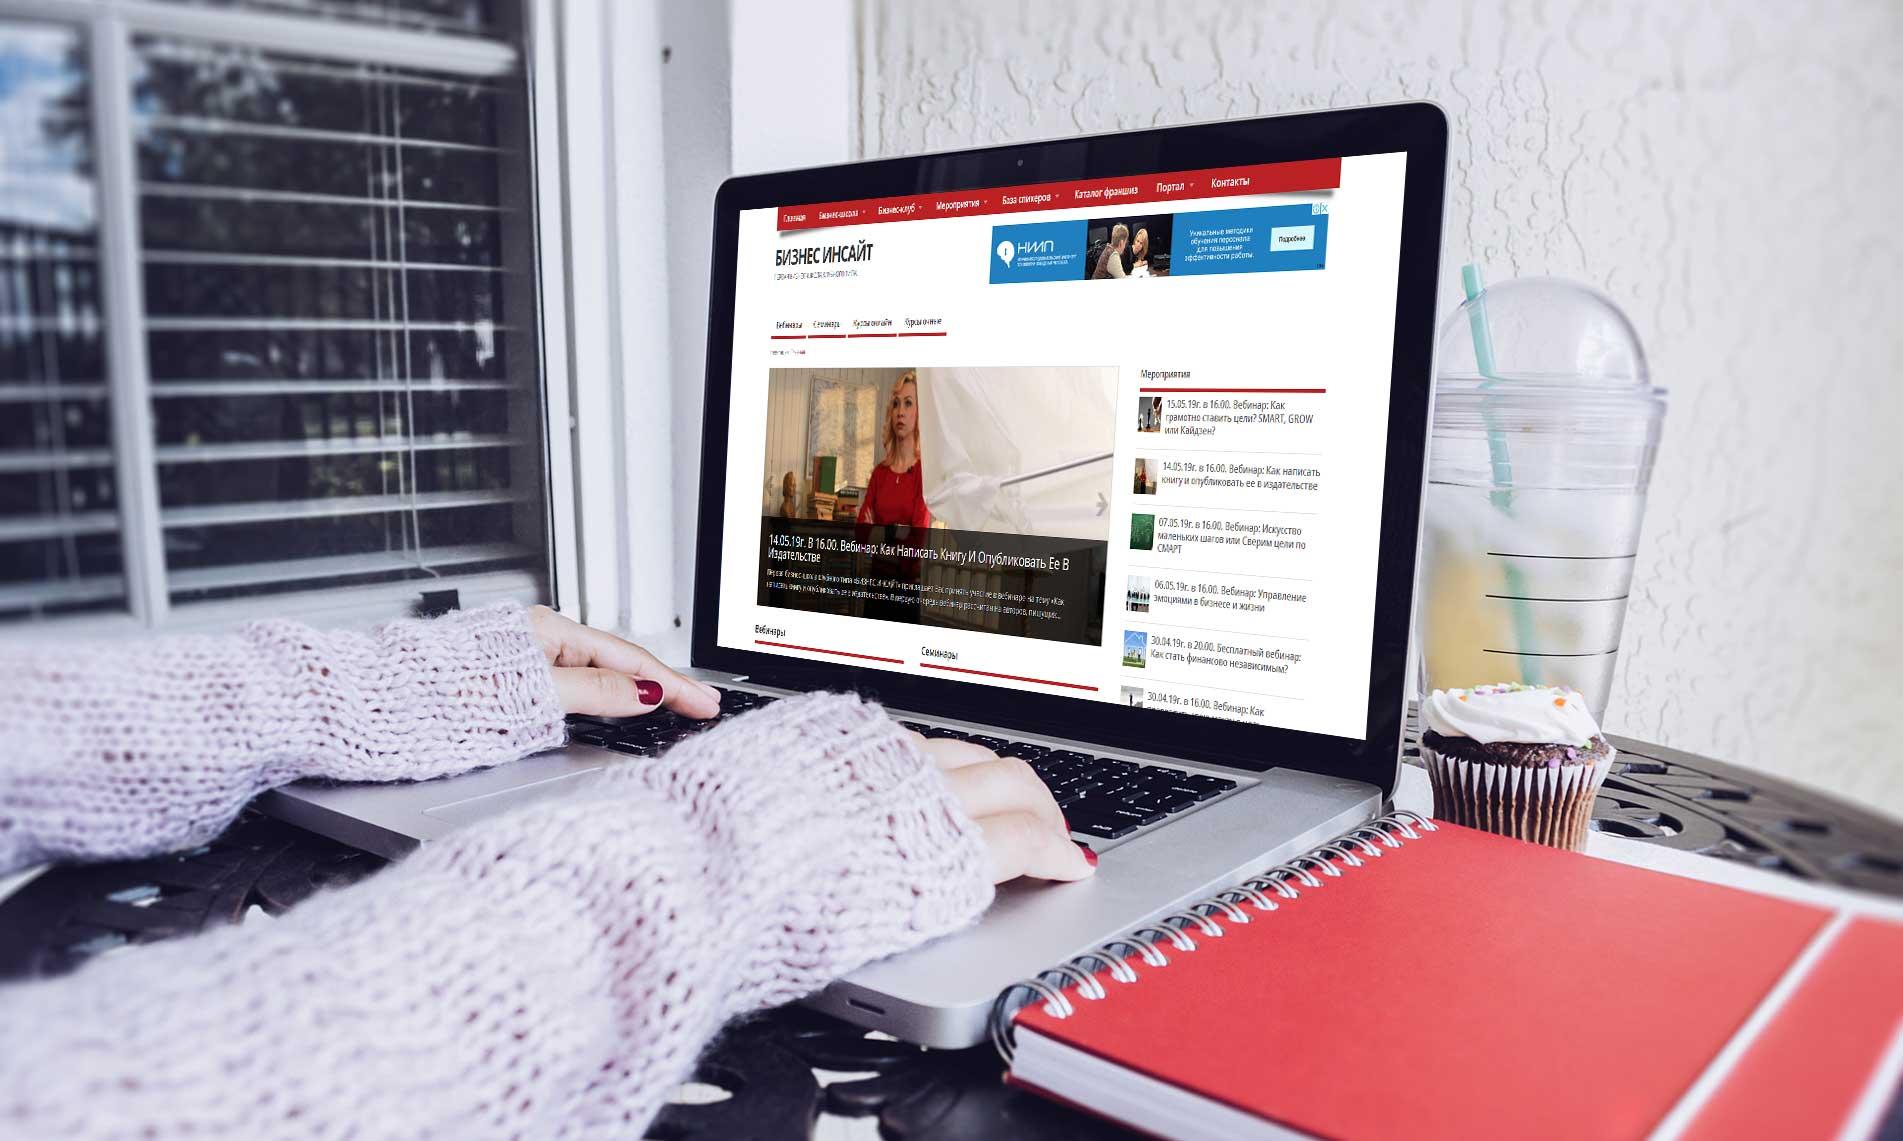 Бесплатный вебинар: 10 главных причин, по которым контекстная реклама сливает бюджет